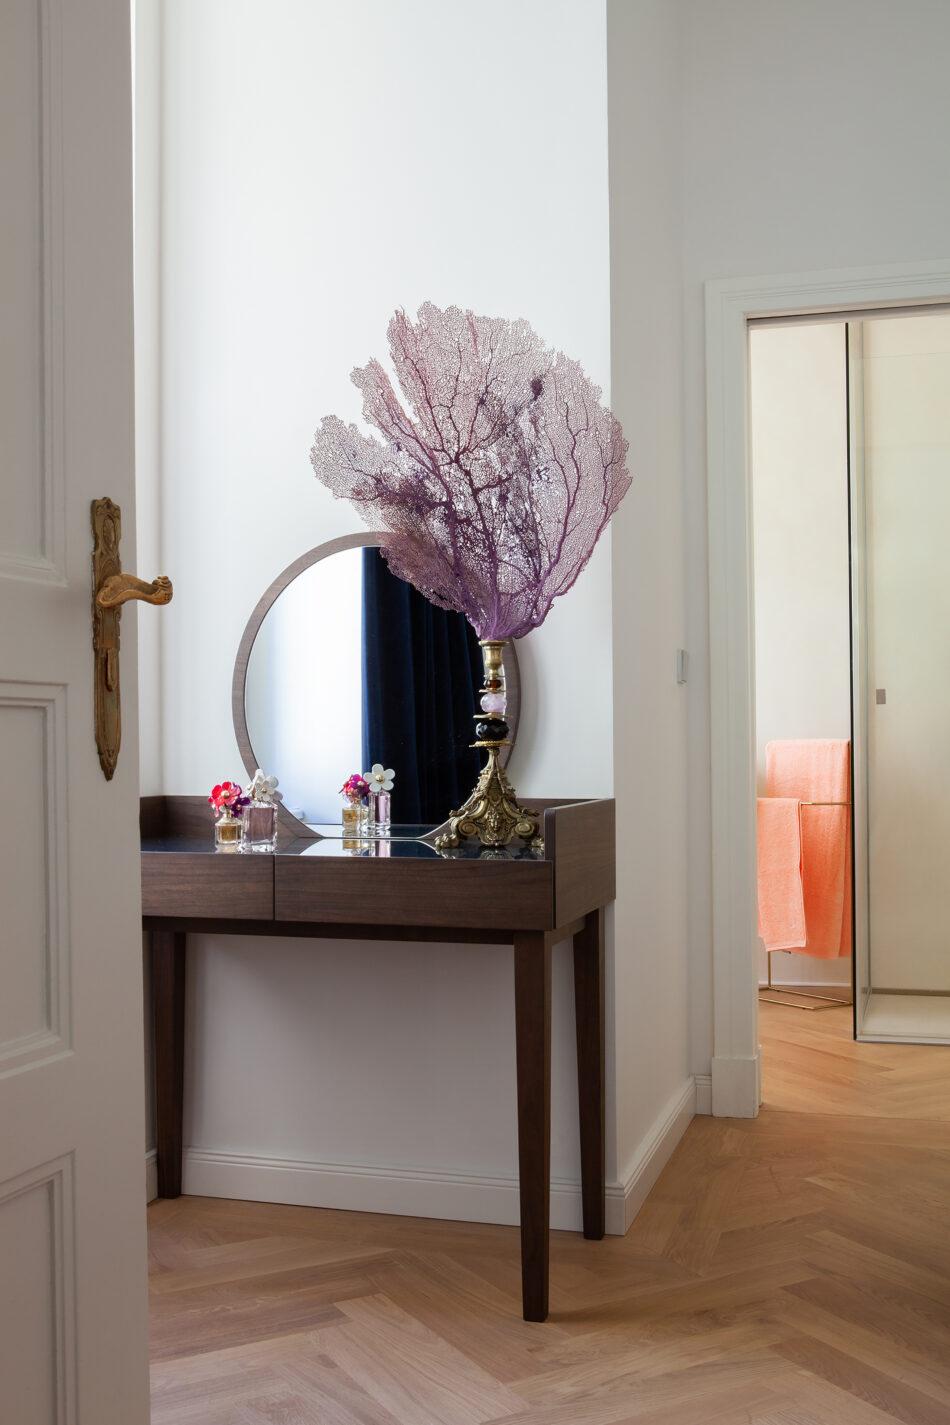 Antonius Schimmelbusch_Apartment_Berlin_Anne-Catherine Scoffoni_privat_30